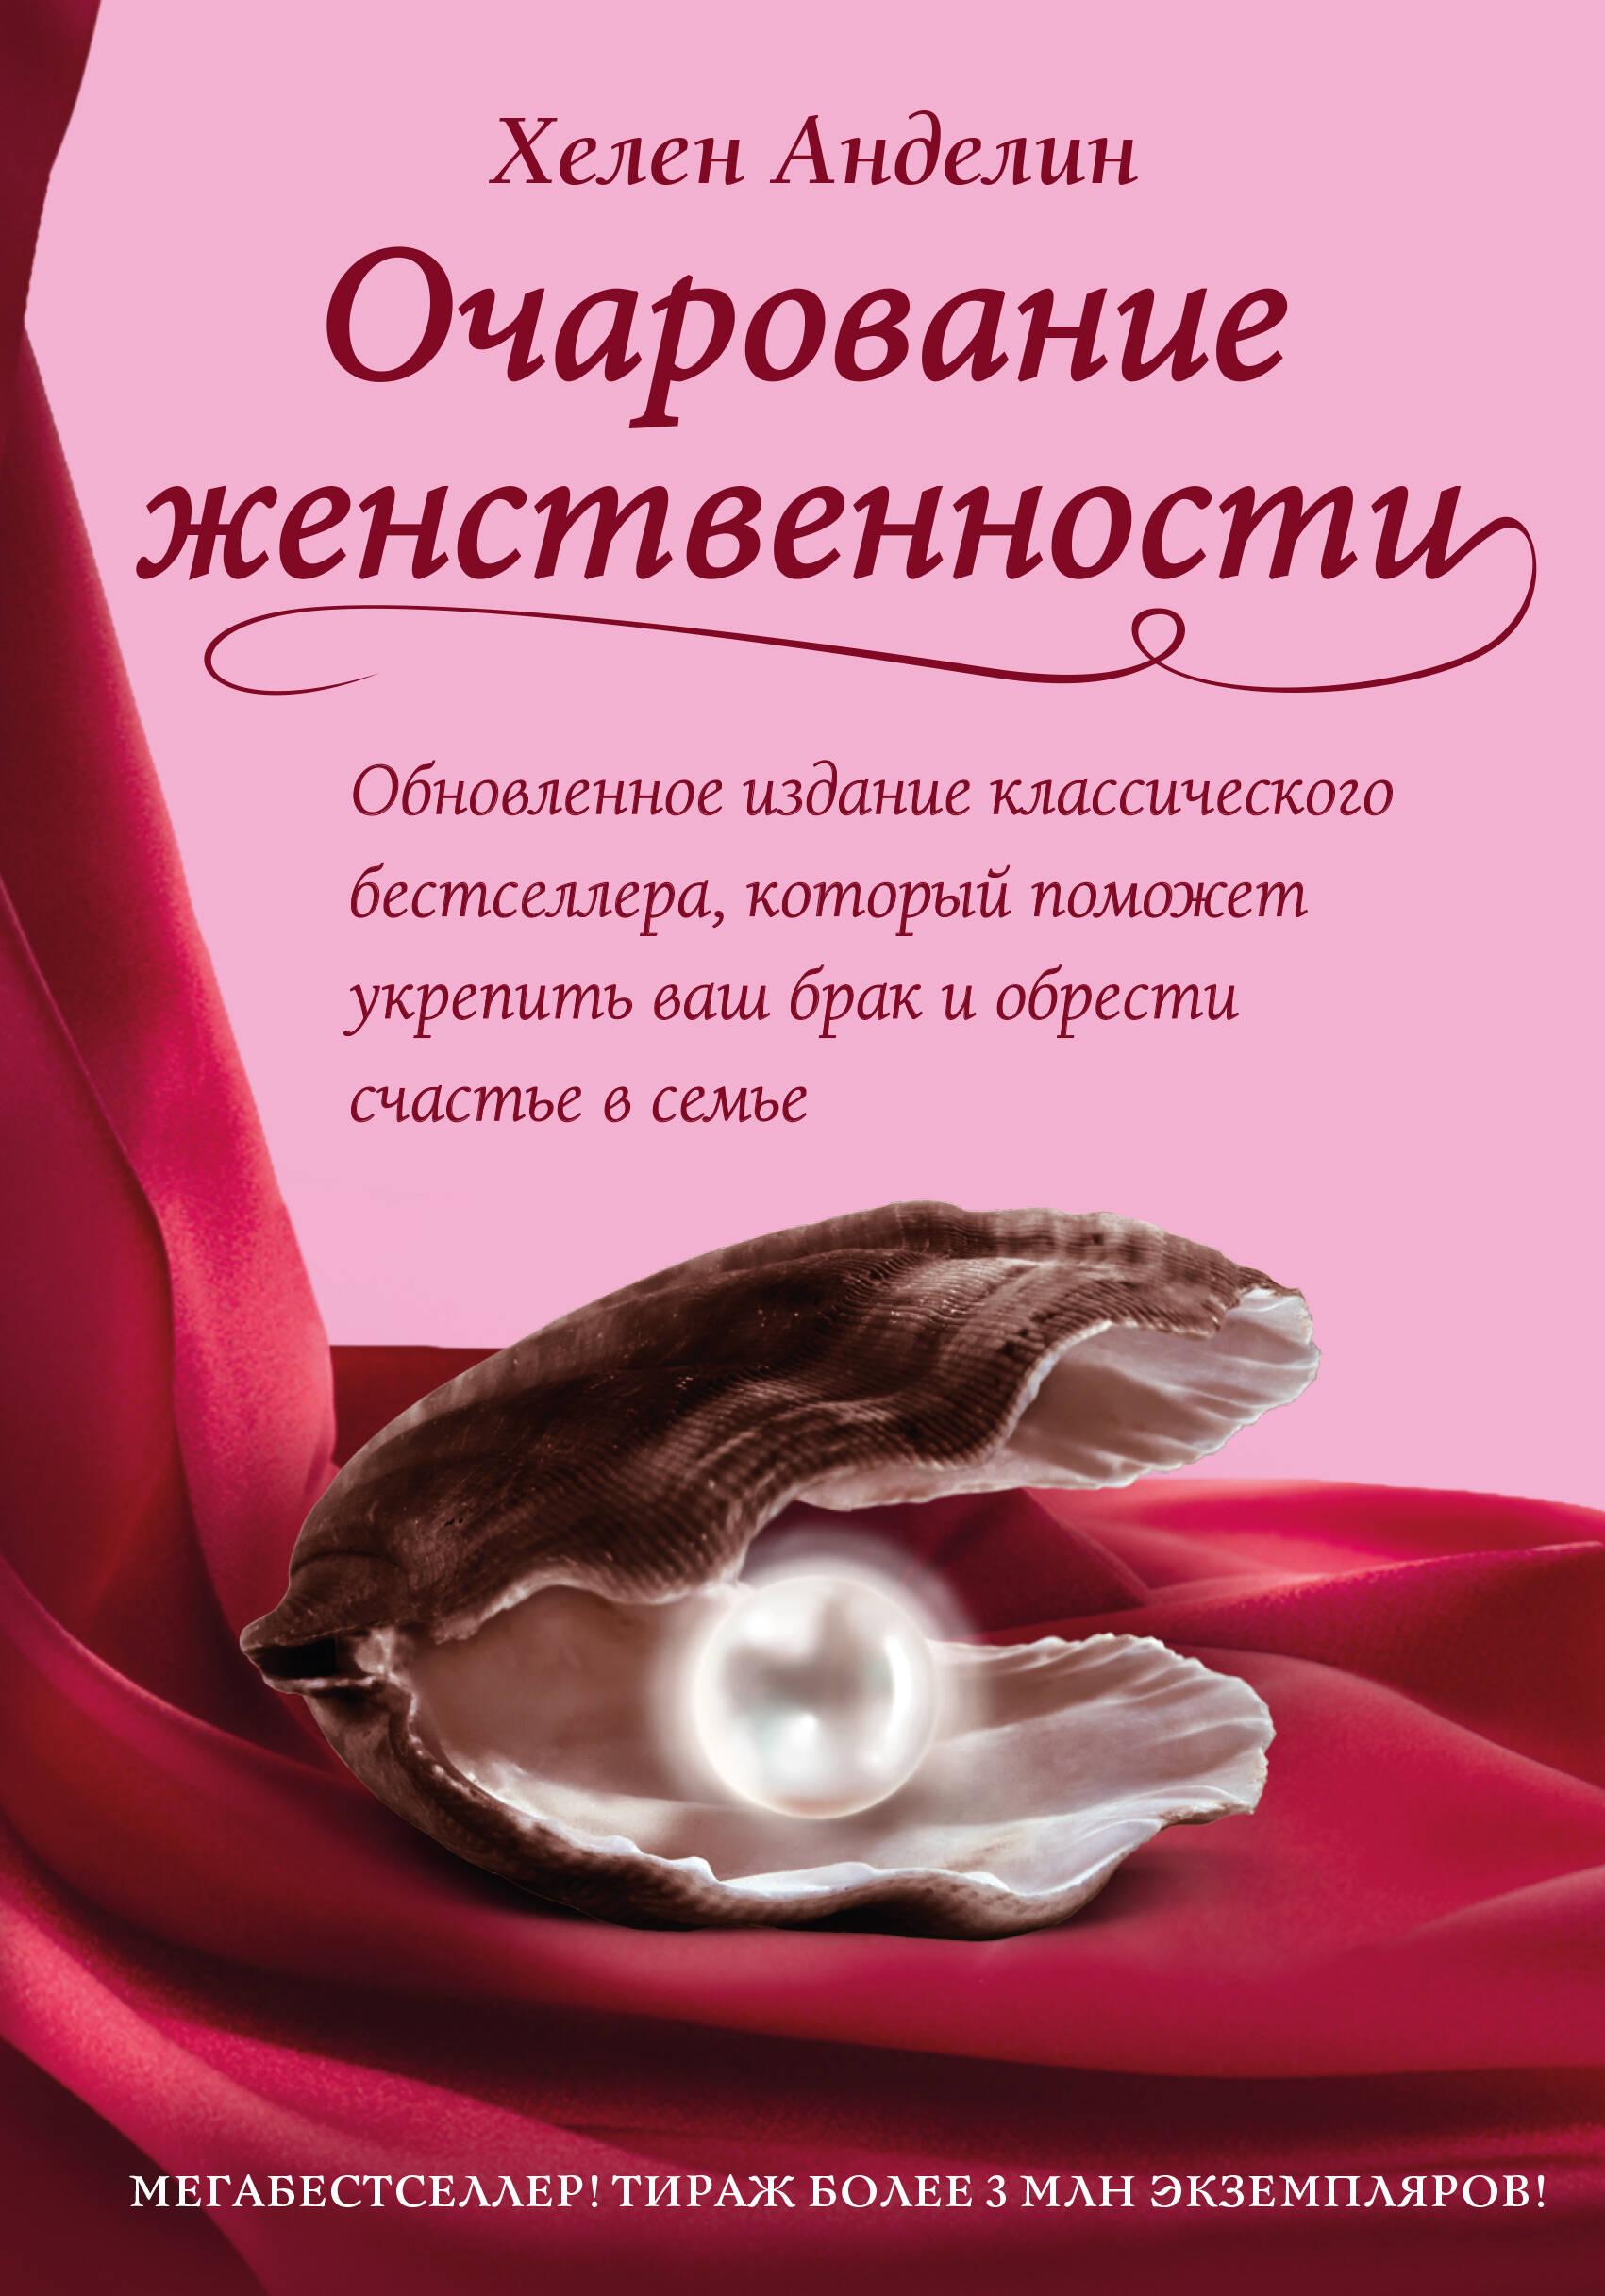 Книга очарование женственности скачать pdf